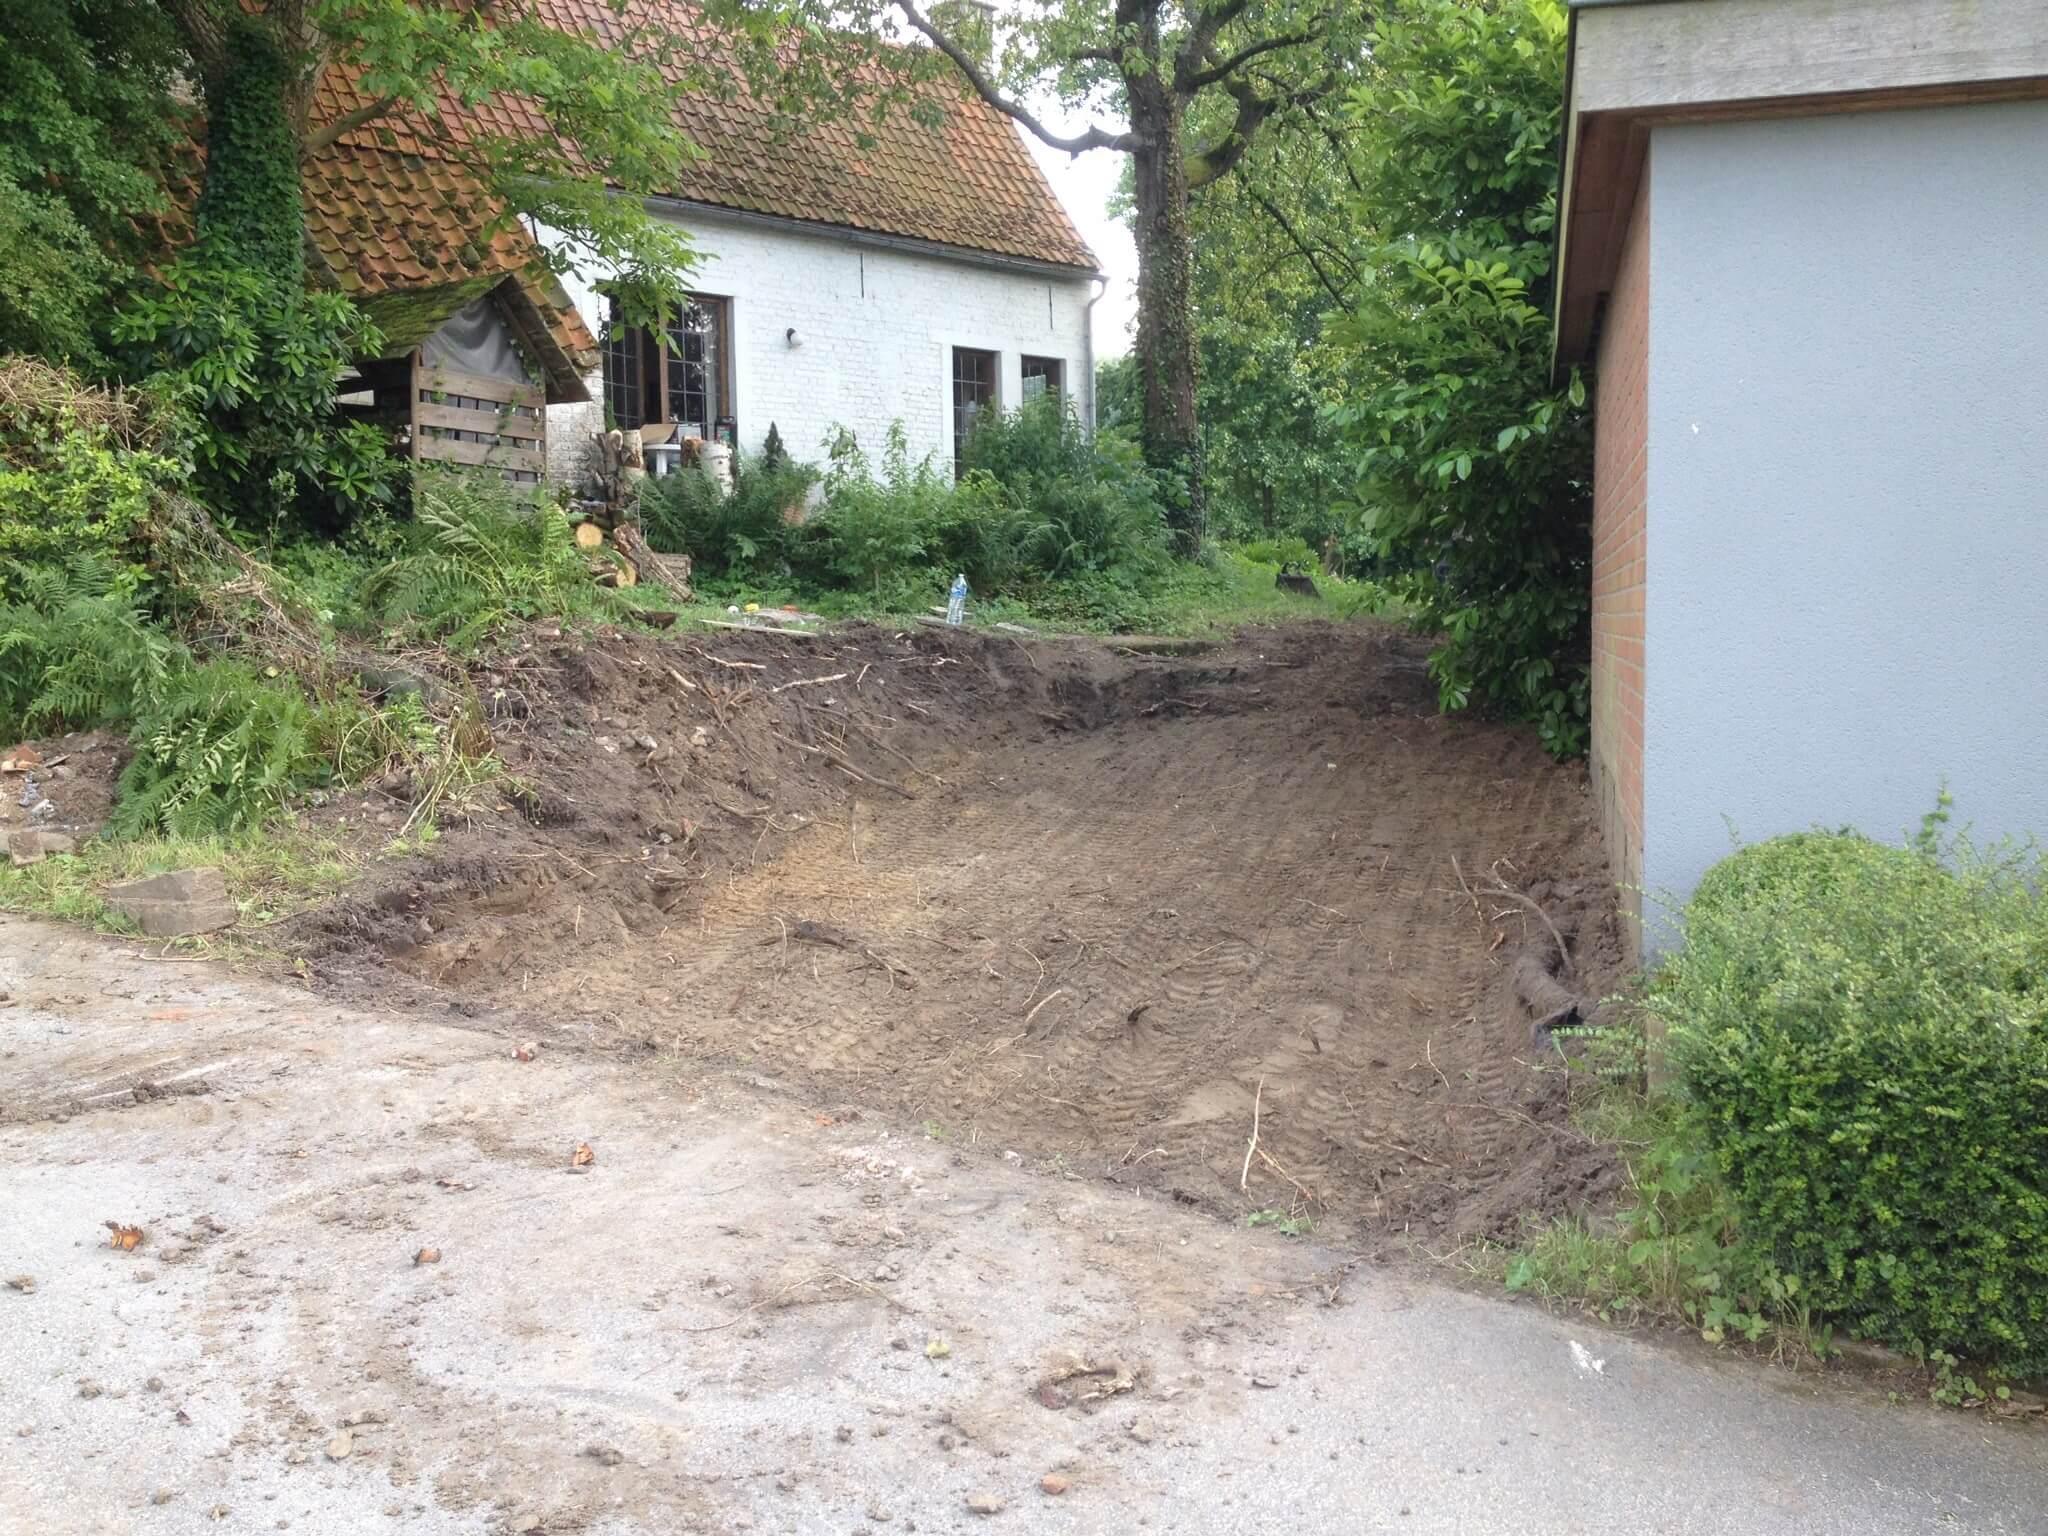 Oprit uitgraven